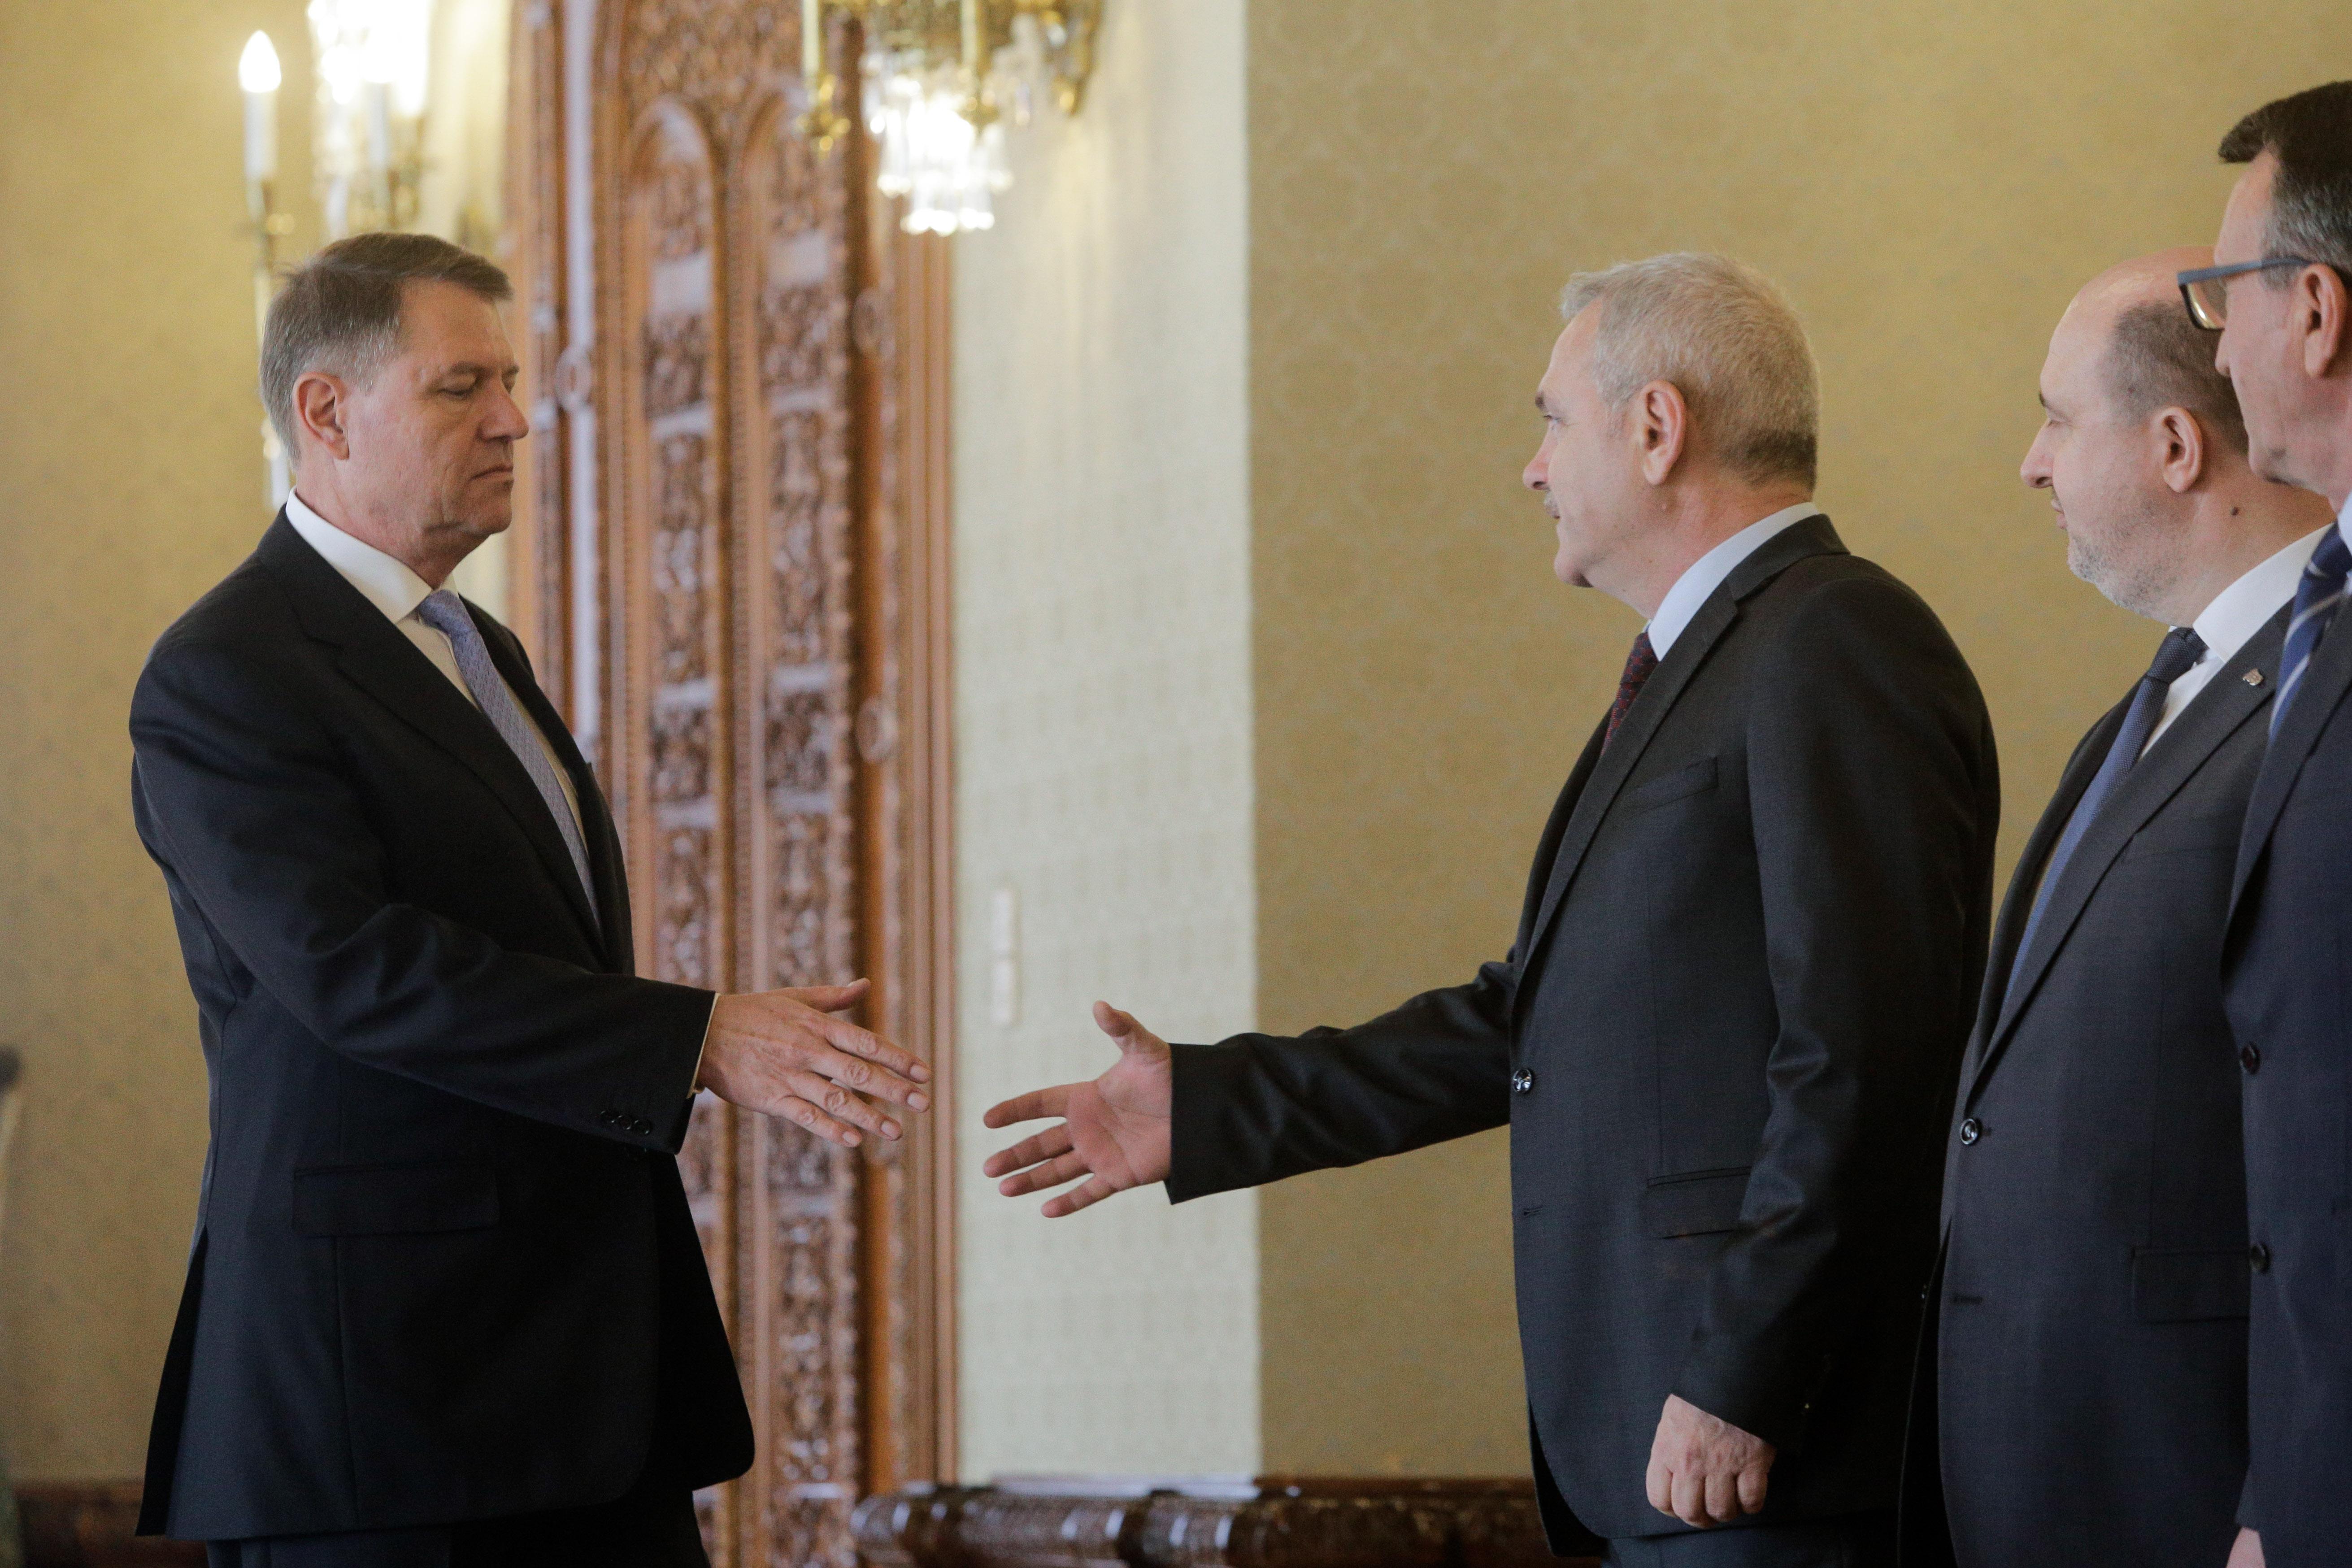 """Iohannis, înainte de discuția cu Dragnea: """"Eu nu vreau niciun pact cu PSD-ul"""""""